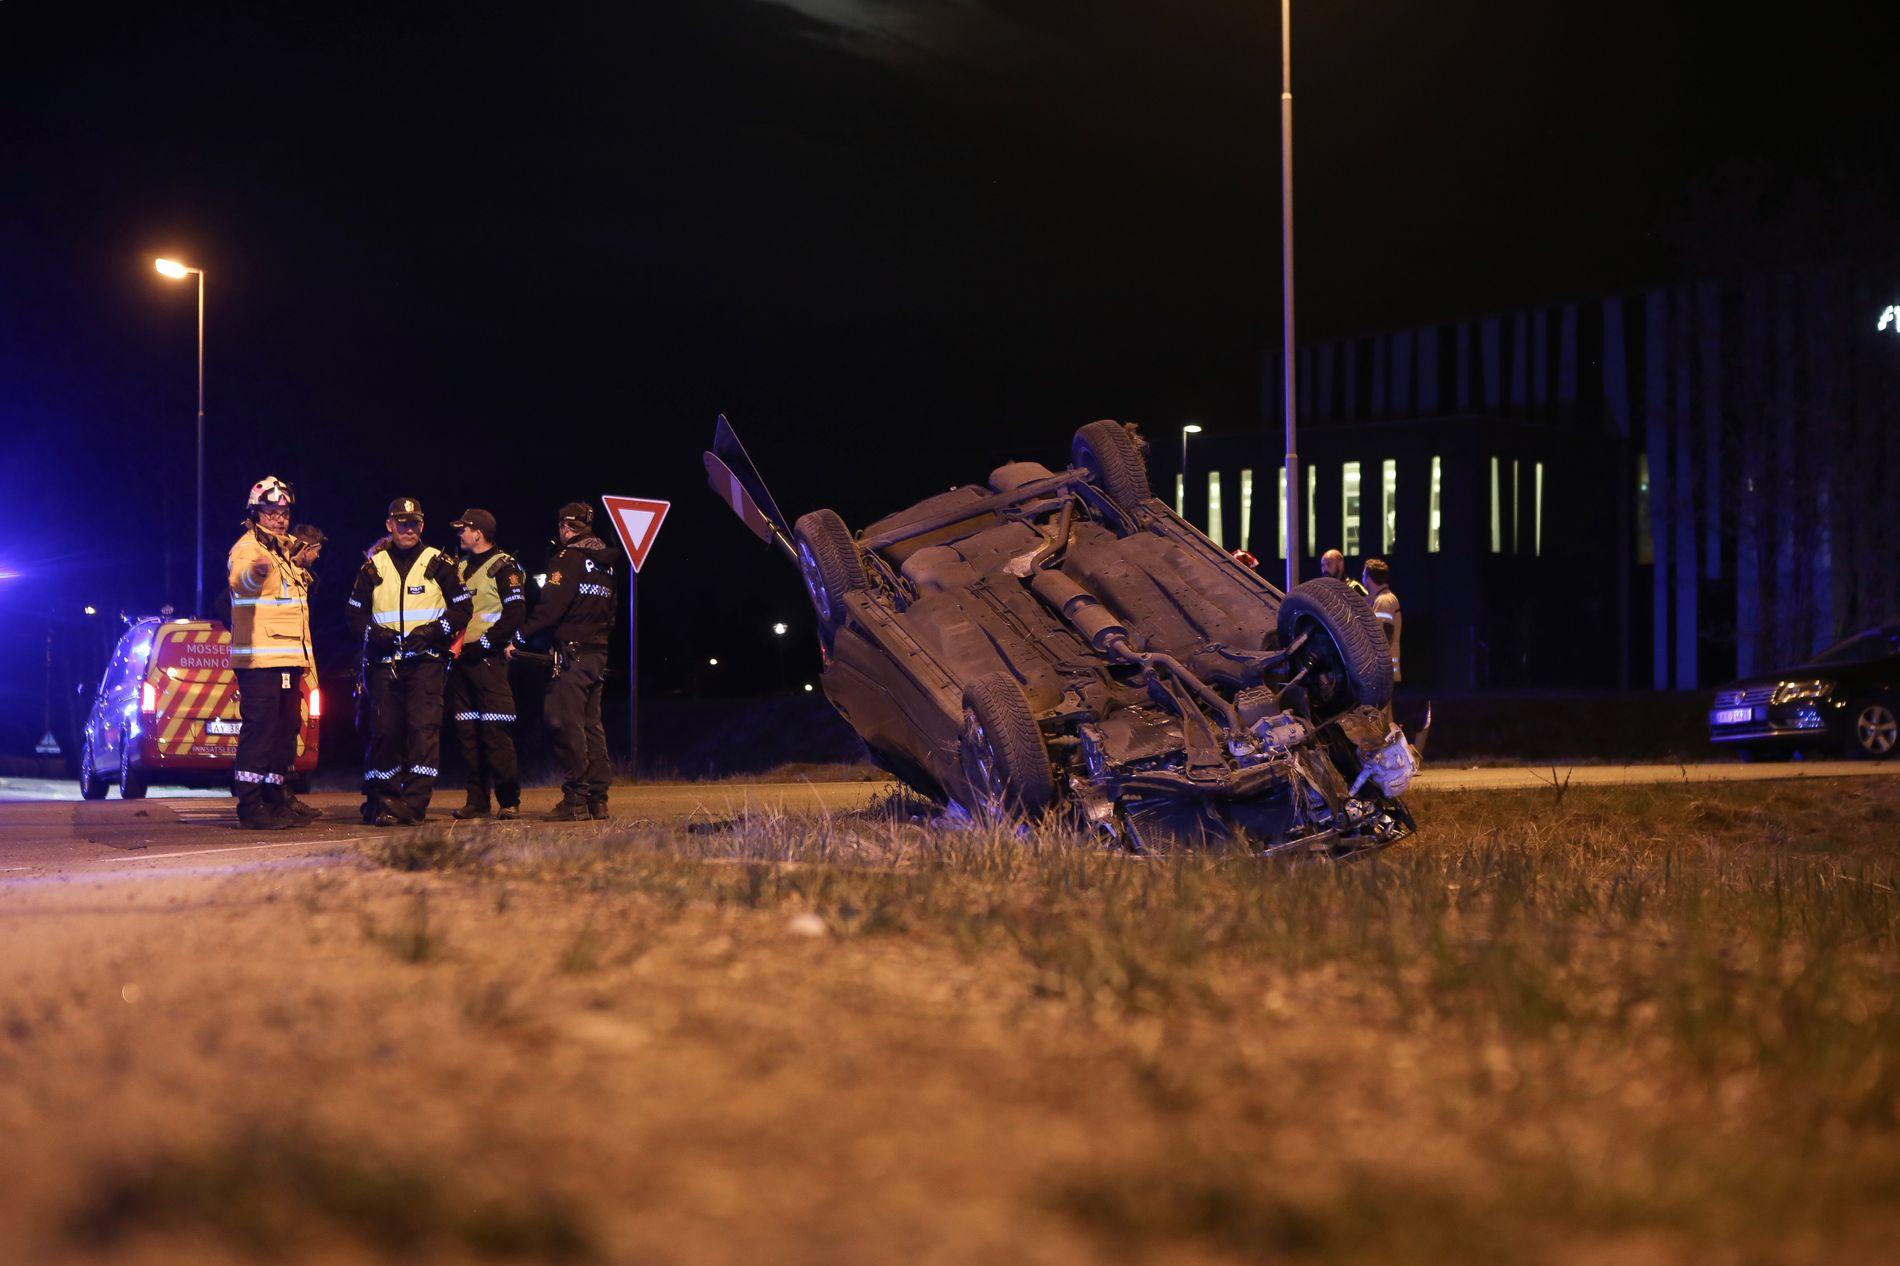 OMKOM: En mann i 20-årene omkom i ulykken ved Moss natt til søndag.